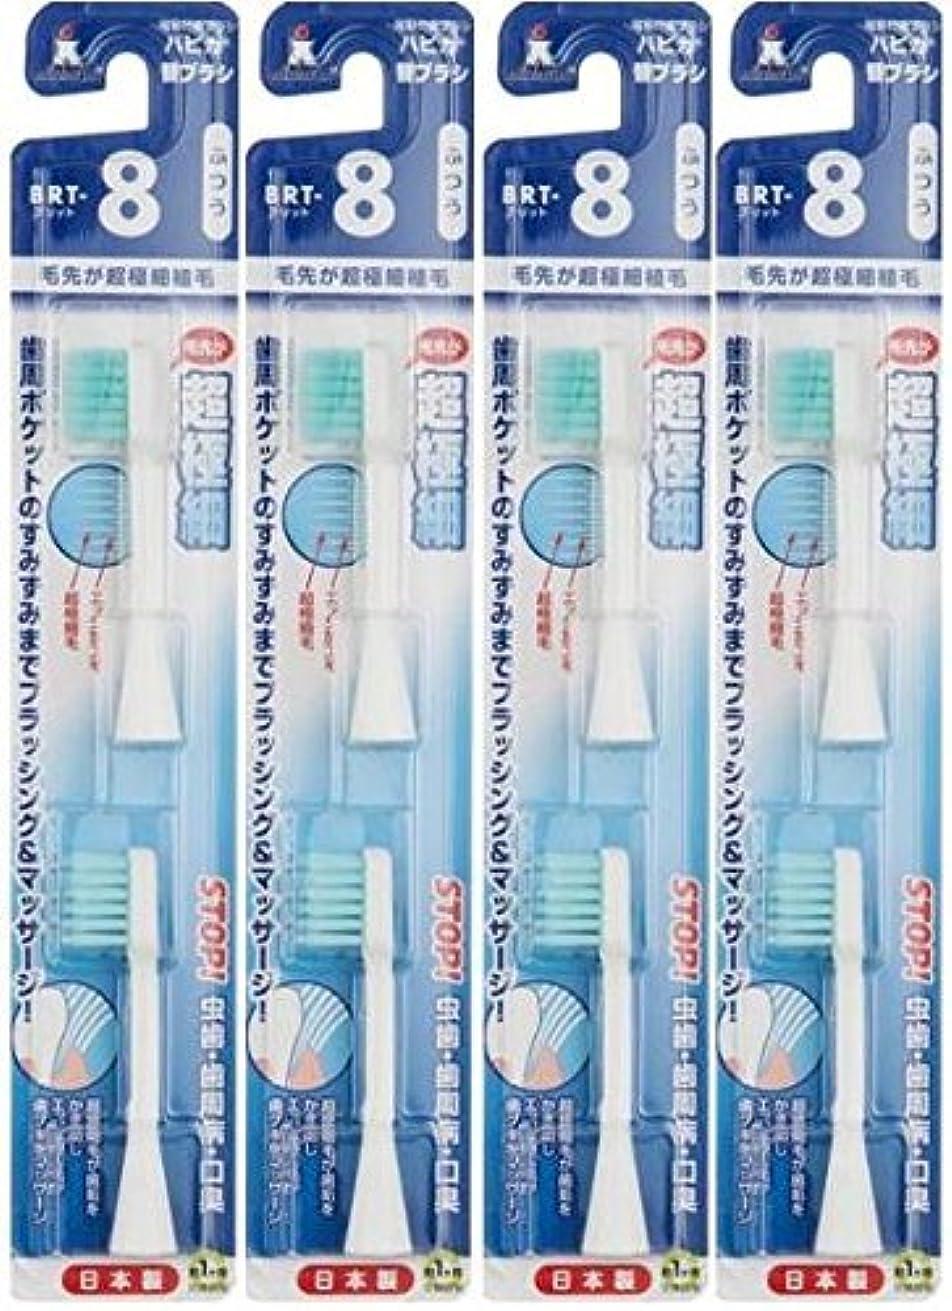 担保肩をすくめるコード電動歯ブラシ ハピカ専用替ブラシふつう 毛先が超極細毛2本入(BRT-8)×4個セット